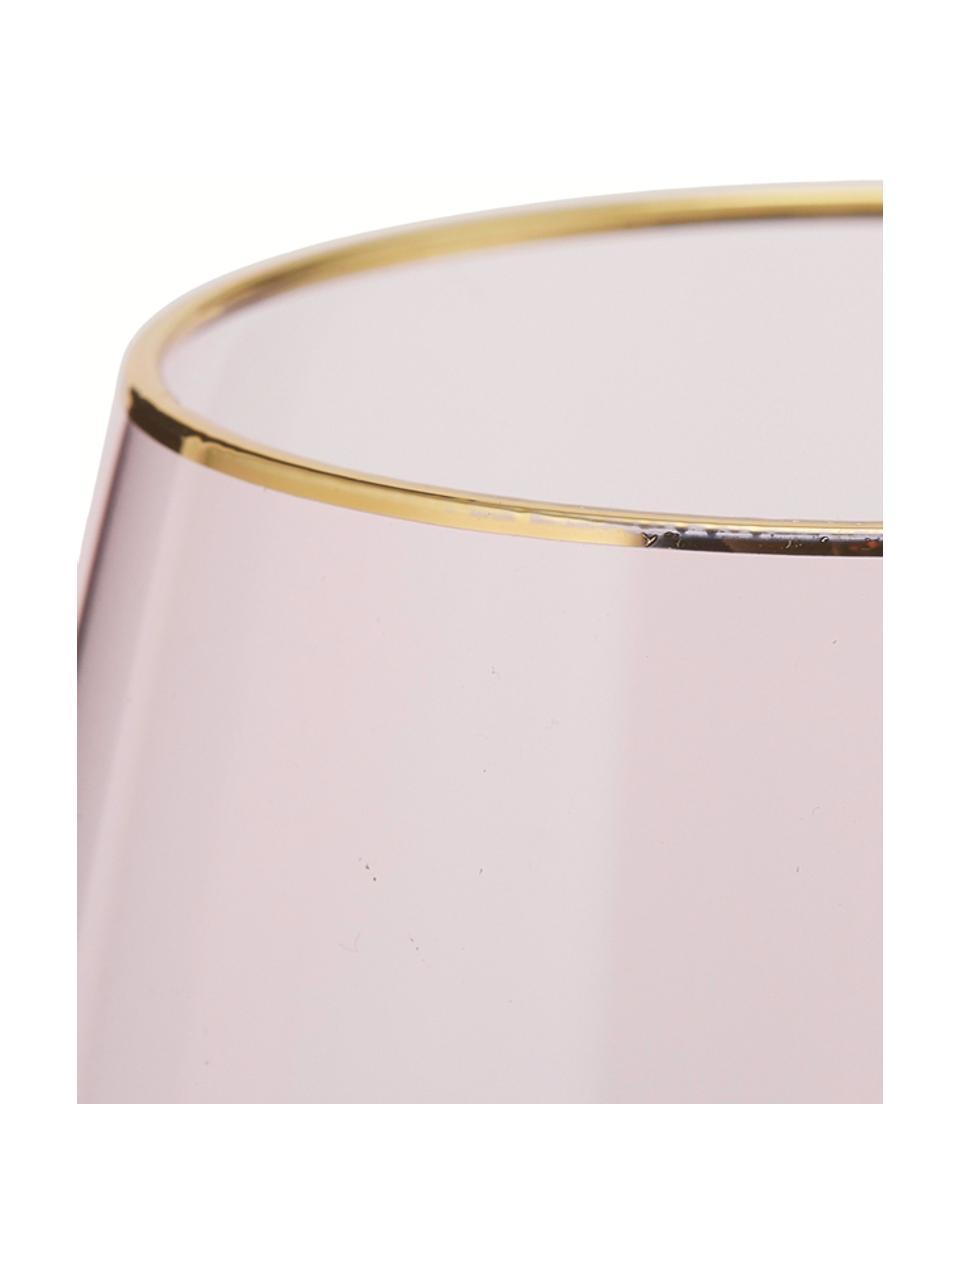 Verre à eauavec bordure dorée Chloe, 4pièces, Couleur pêche, couleur dorée